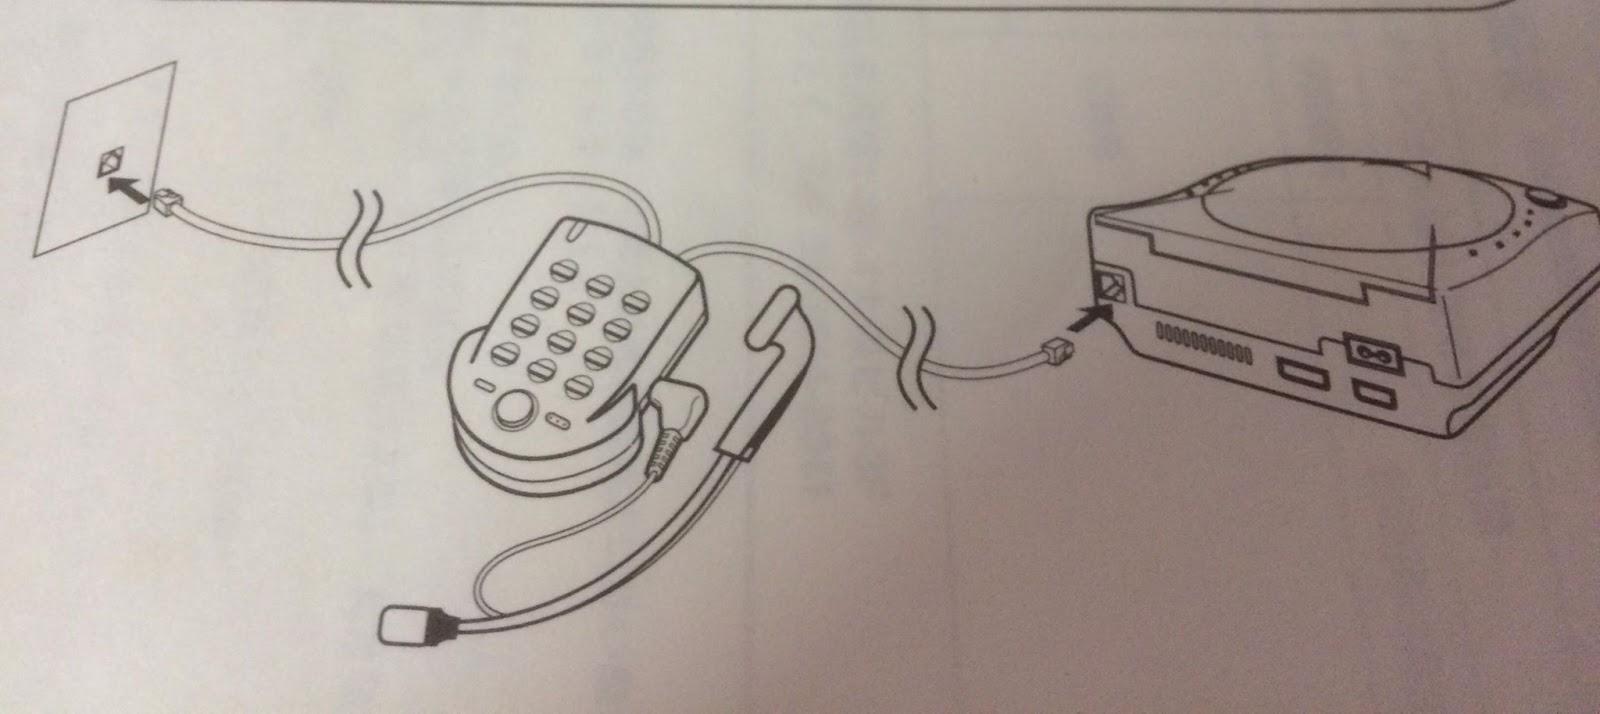 Dreamcast Dreamphone - O acessório para fazer ligações telefônicas no seu Videogame da Sega. 12977255_1239911572704091_8093832992416547299_o